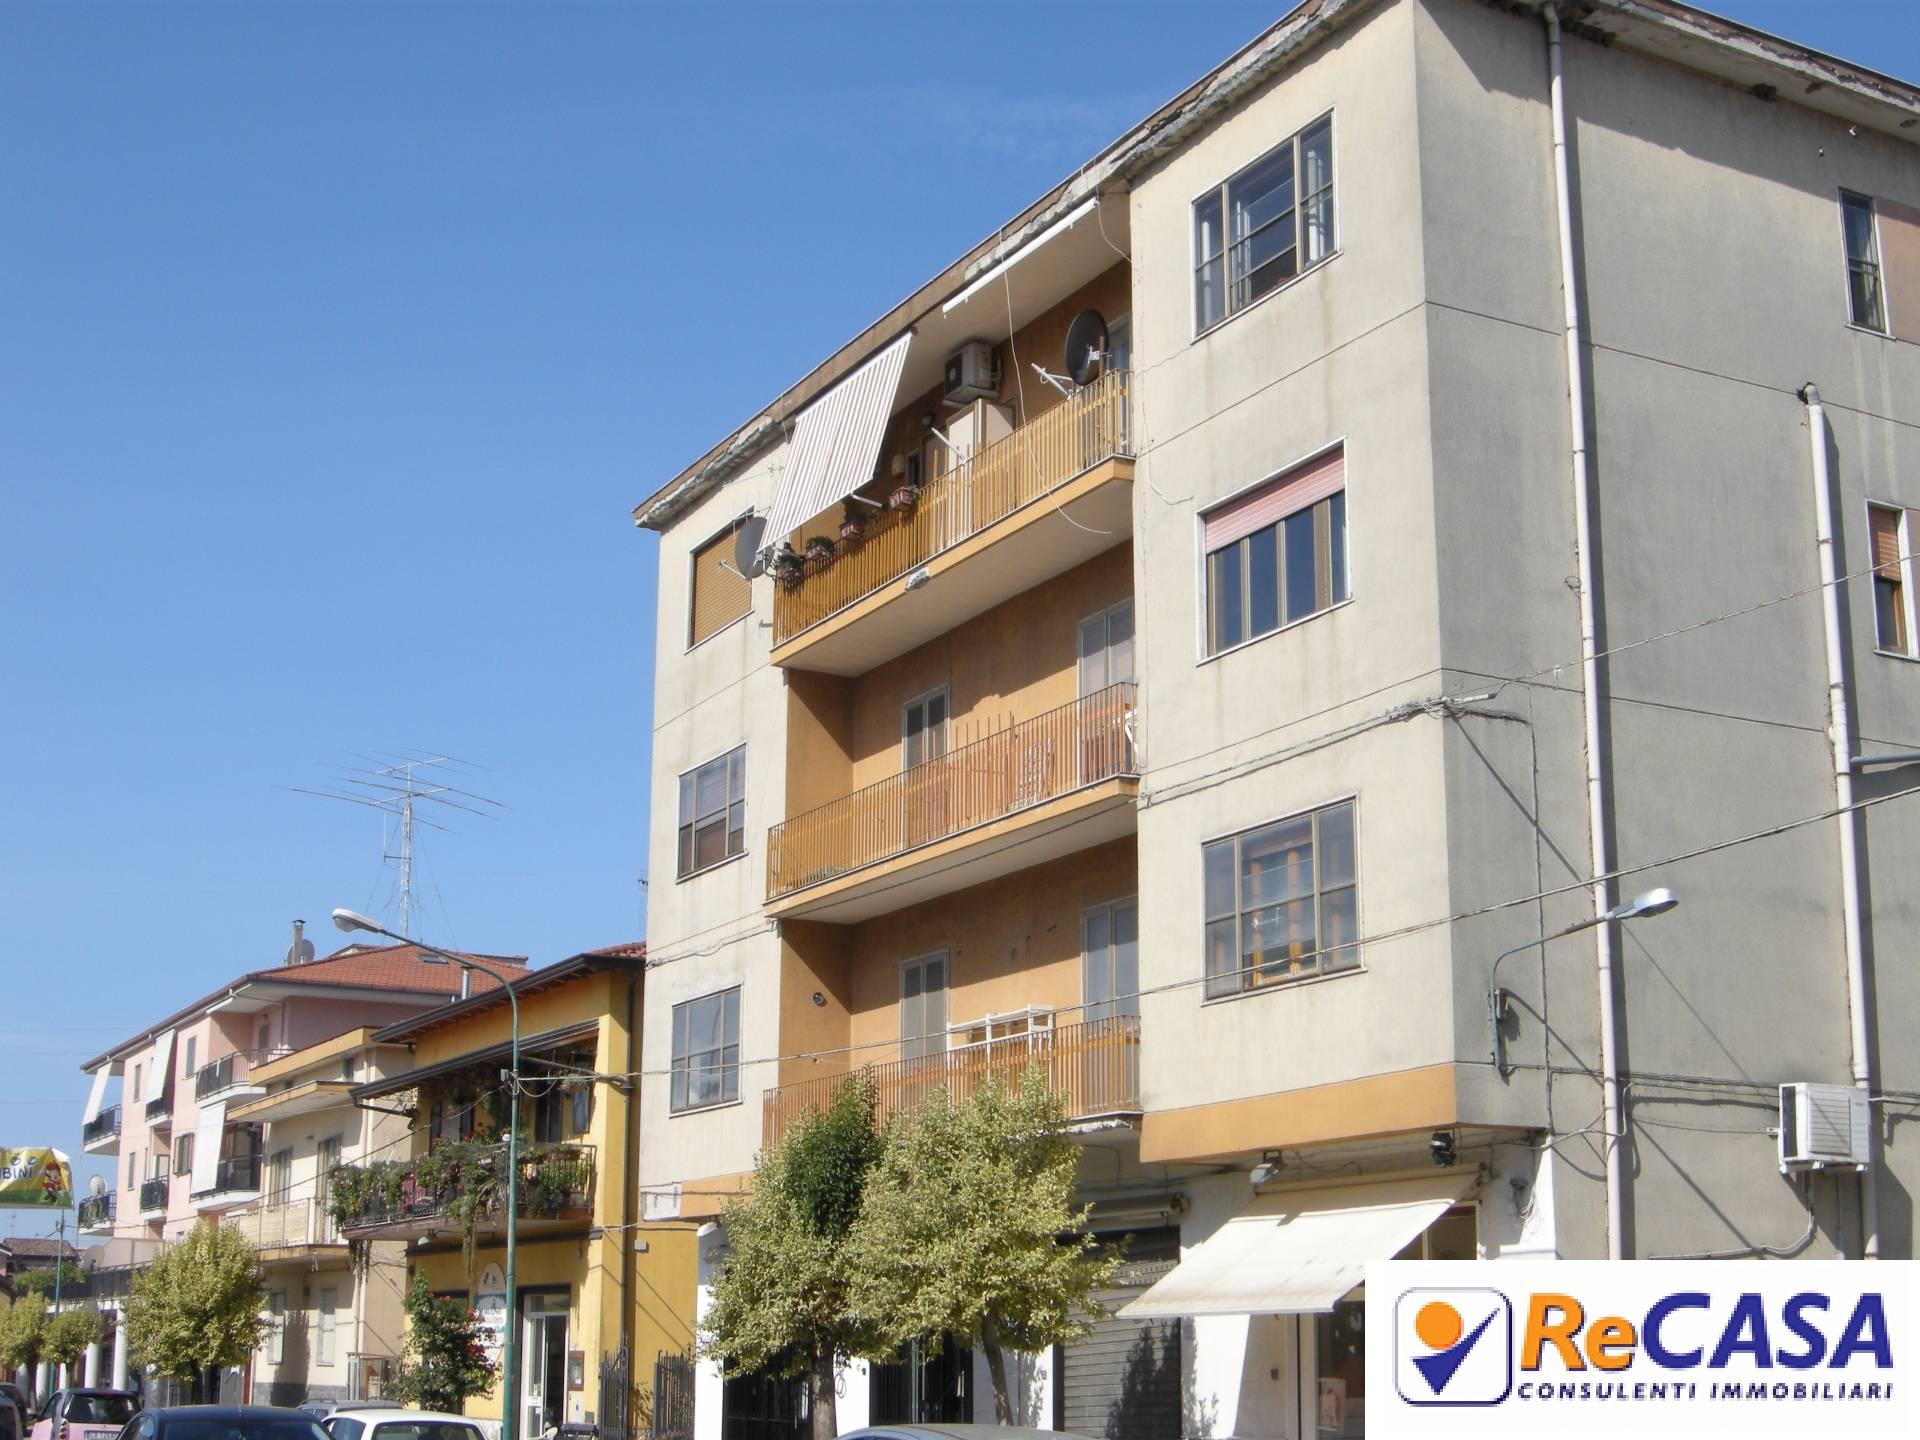 Appartamento in vendita a Montecorvino Rovella, 3 locali, zona Zona: Macchia, prezzo € 85.000 | Cambio Casa.it